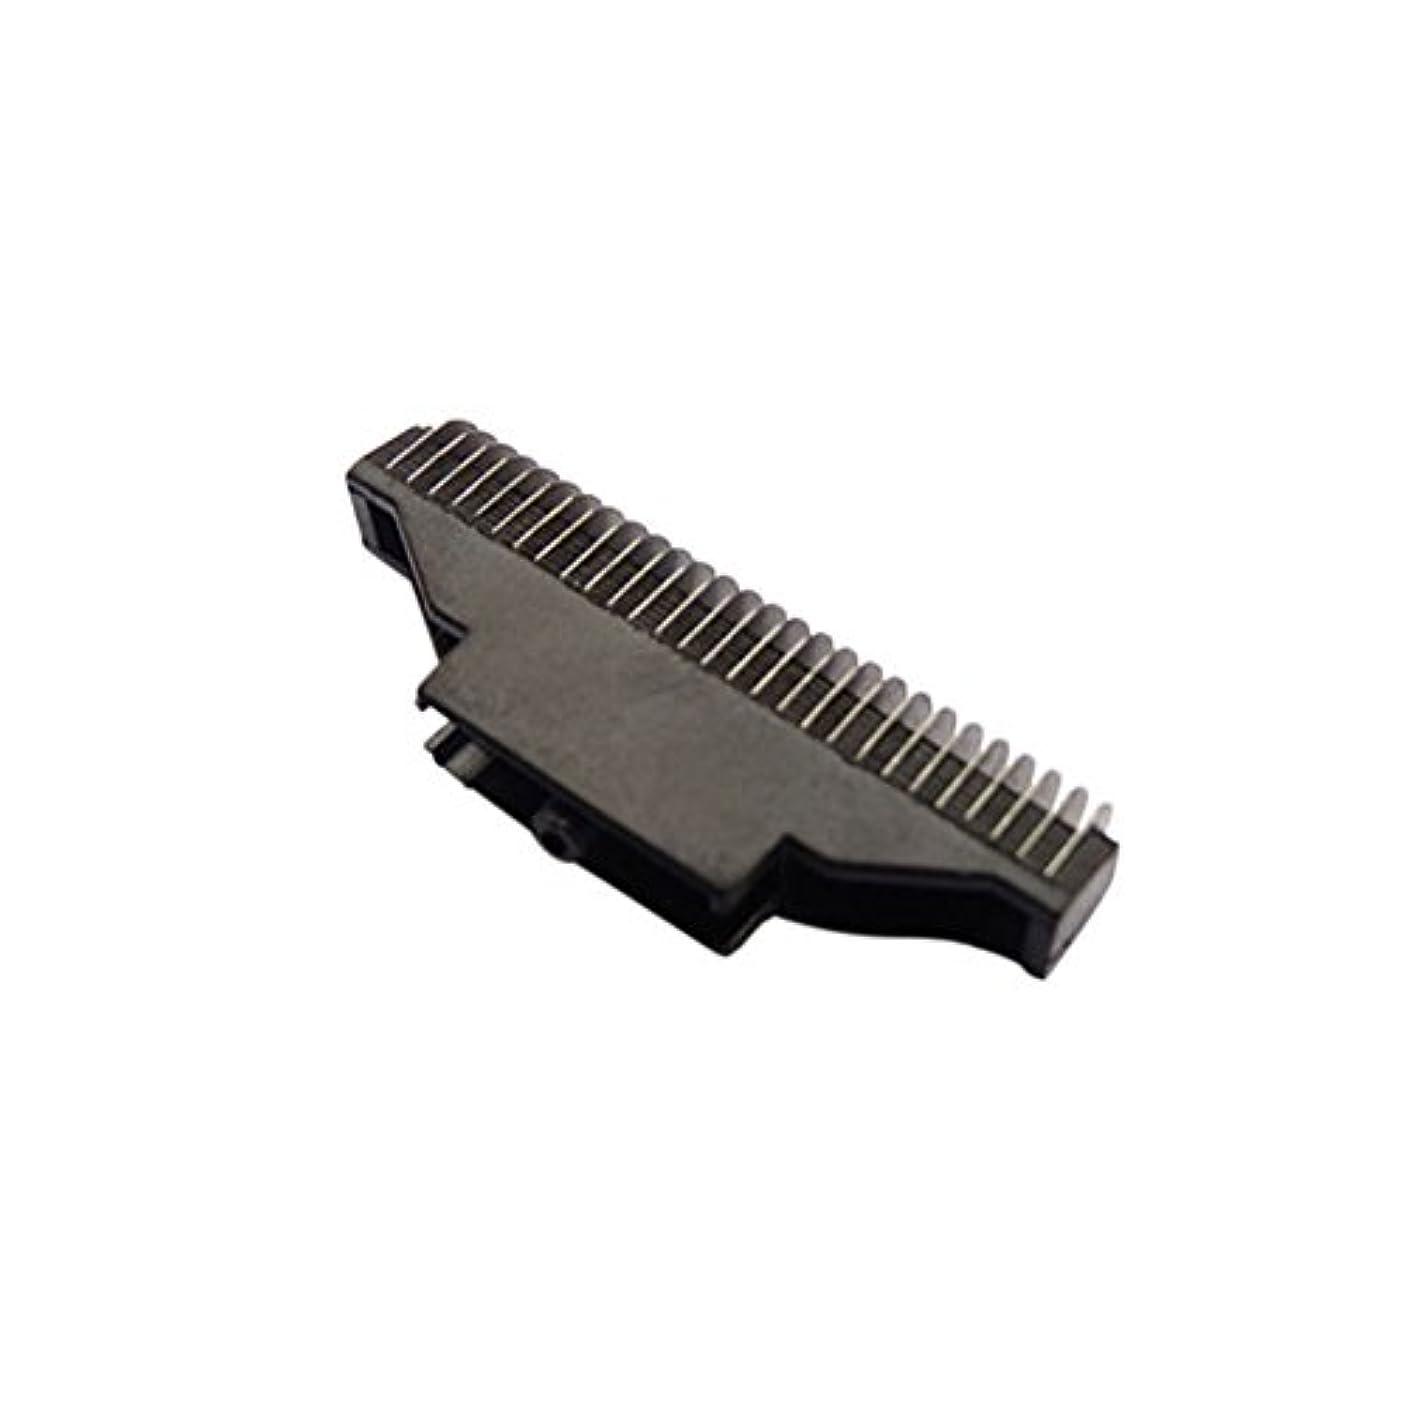 シリンダー厚い厚いHZjundasi Replacement Inner ブレード コンボ for Panasonic ES4026/25/27 ES4853 ES9852